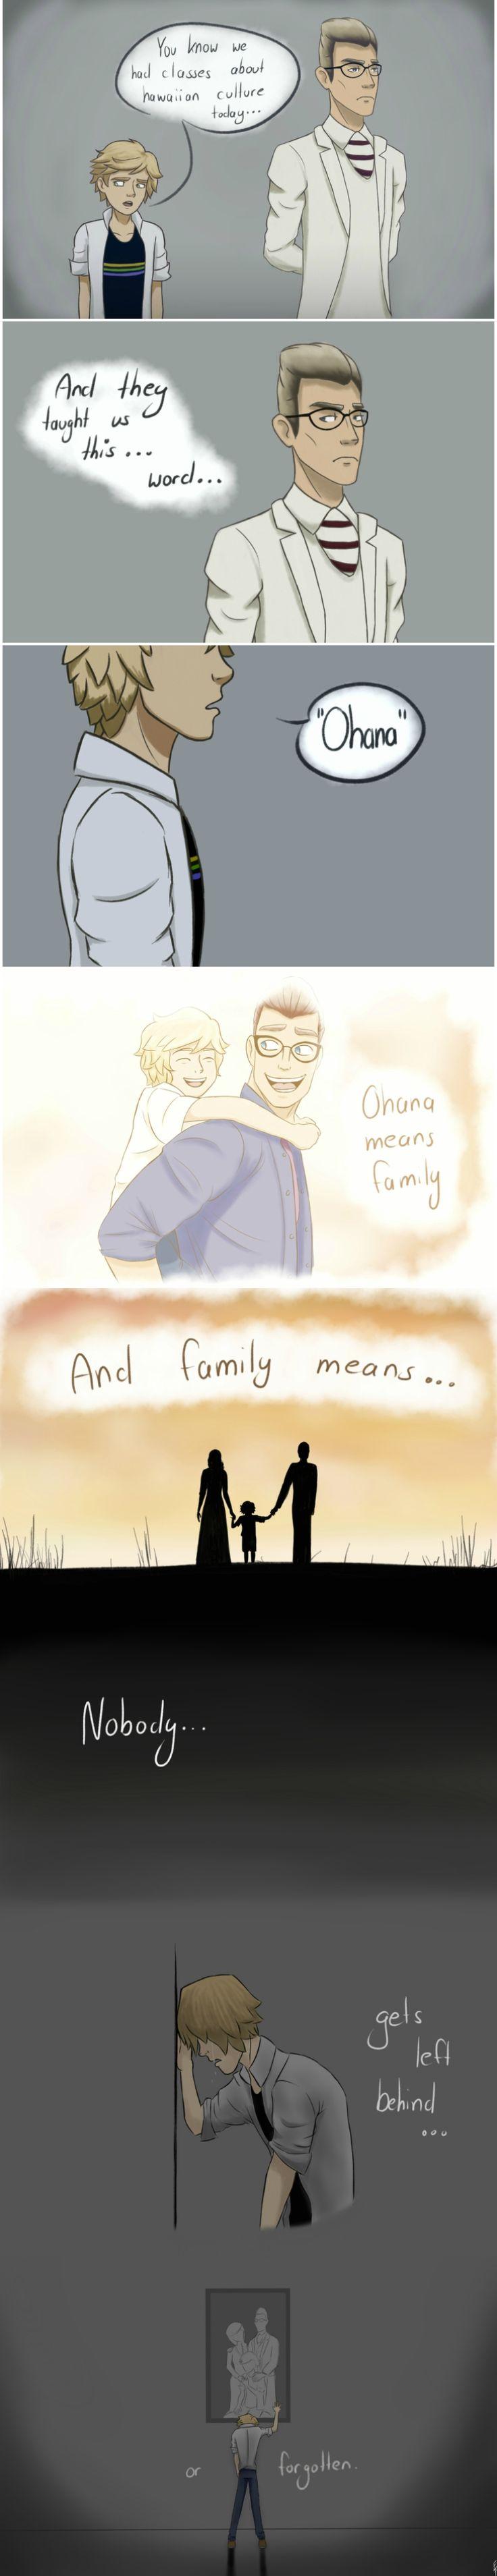 """Ohana means family by PeruGirl199 on DeviantArt  Sabes que hoy he tenido clases de cultura hawaiana... Y me enseñaron una nueva... Palabra... """"Ohana"""" Ohana significa familia. Y familia significa... Que nadie... Se aparta del medio... Y olvidarlo"""